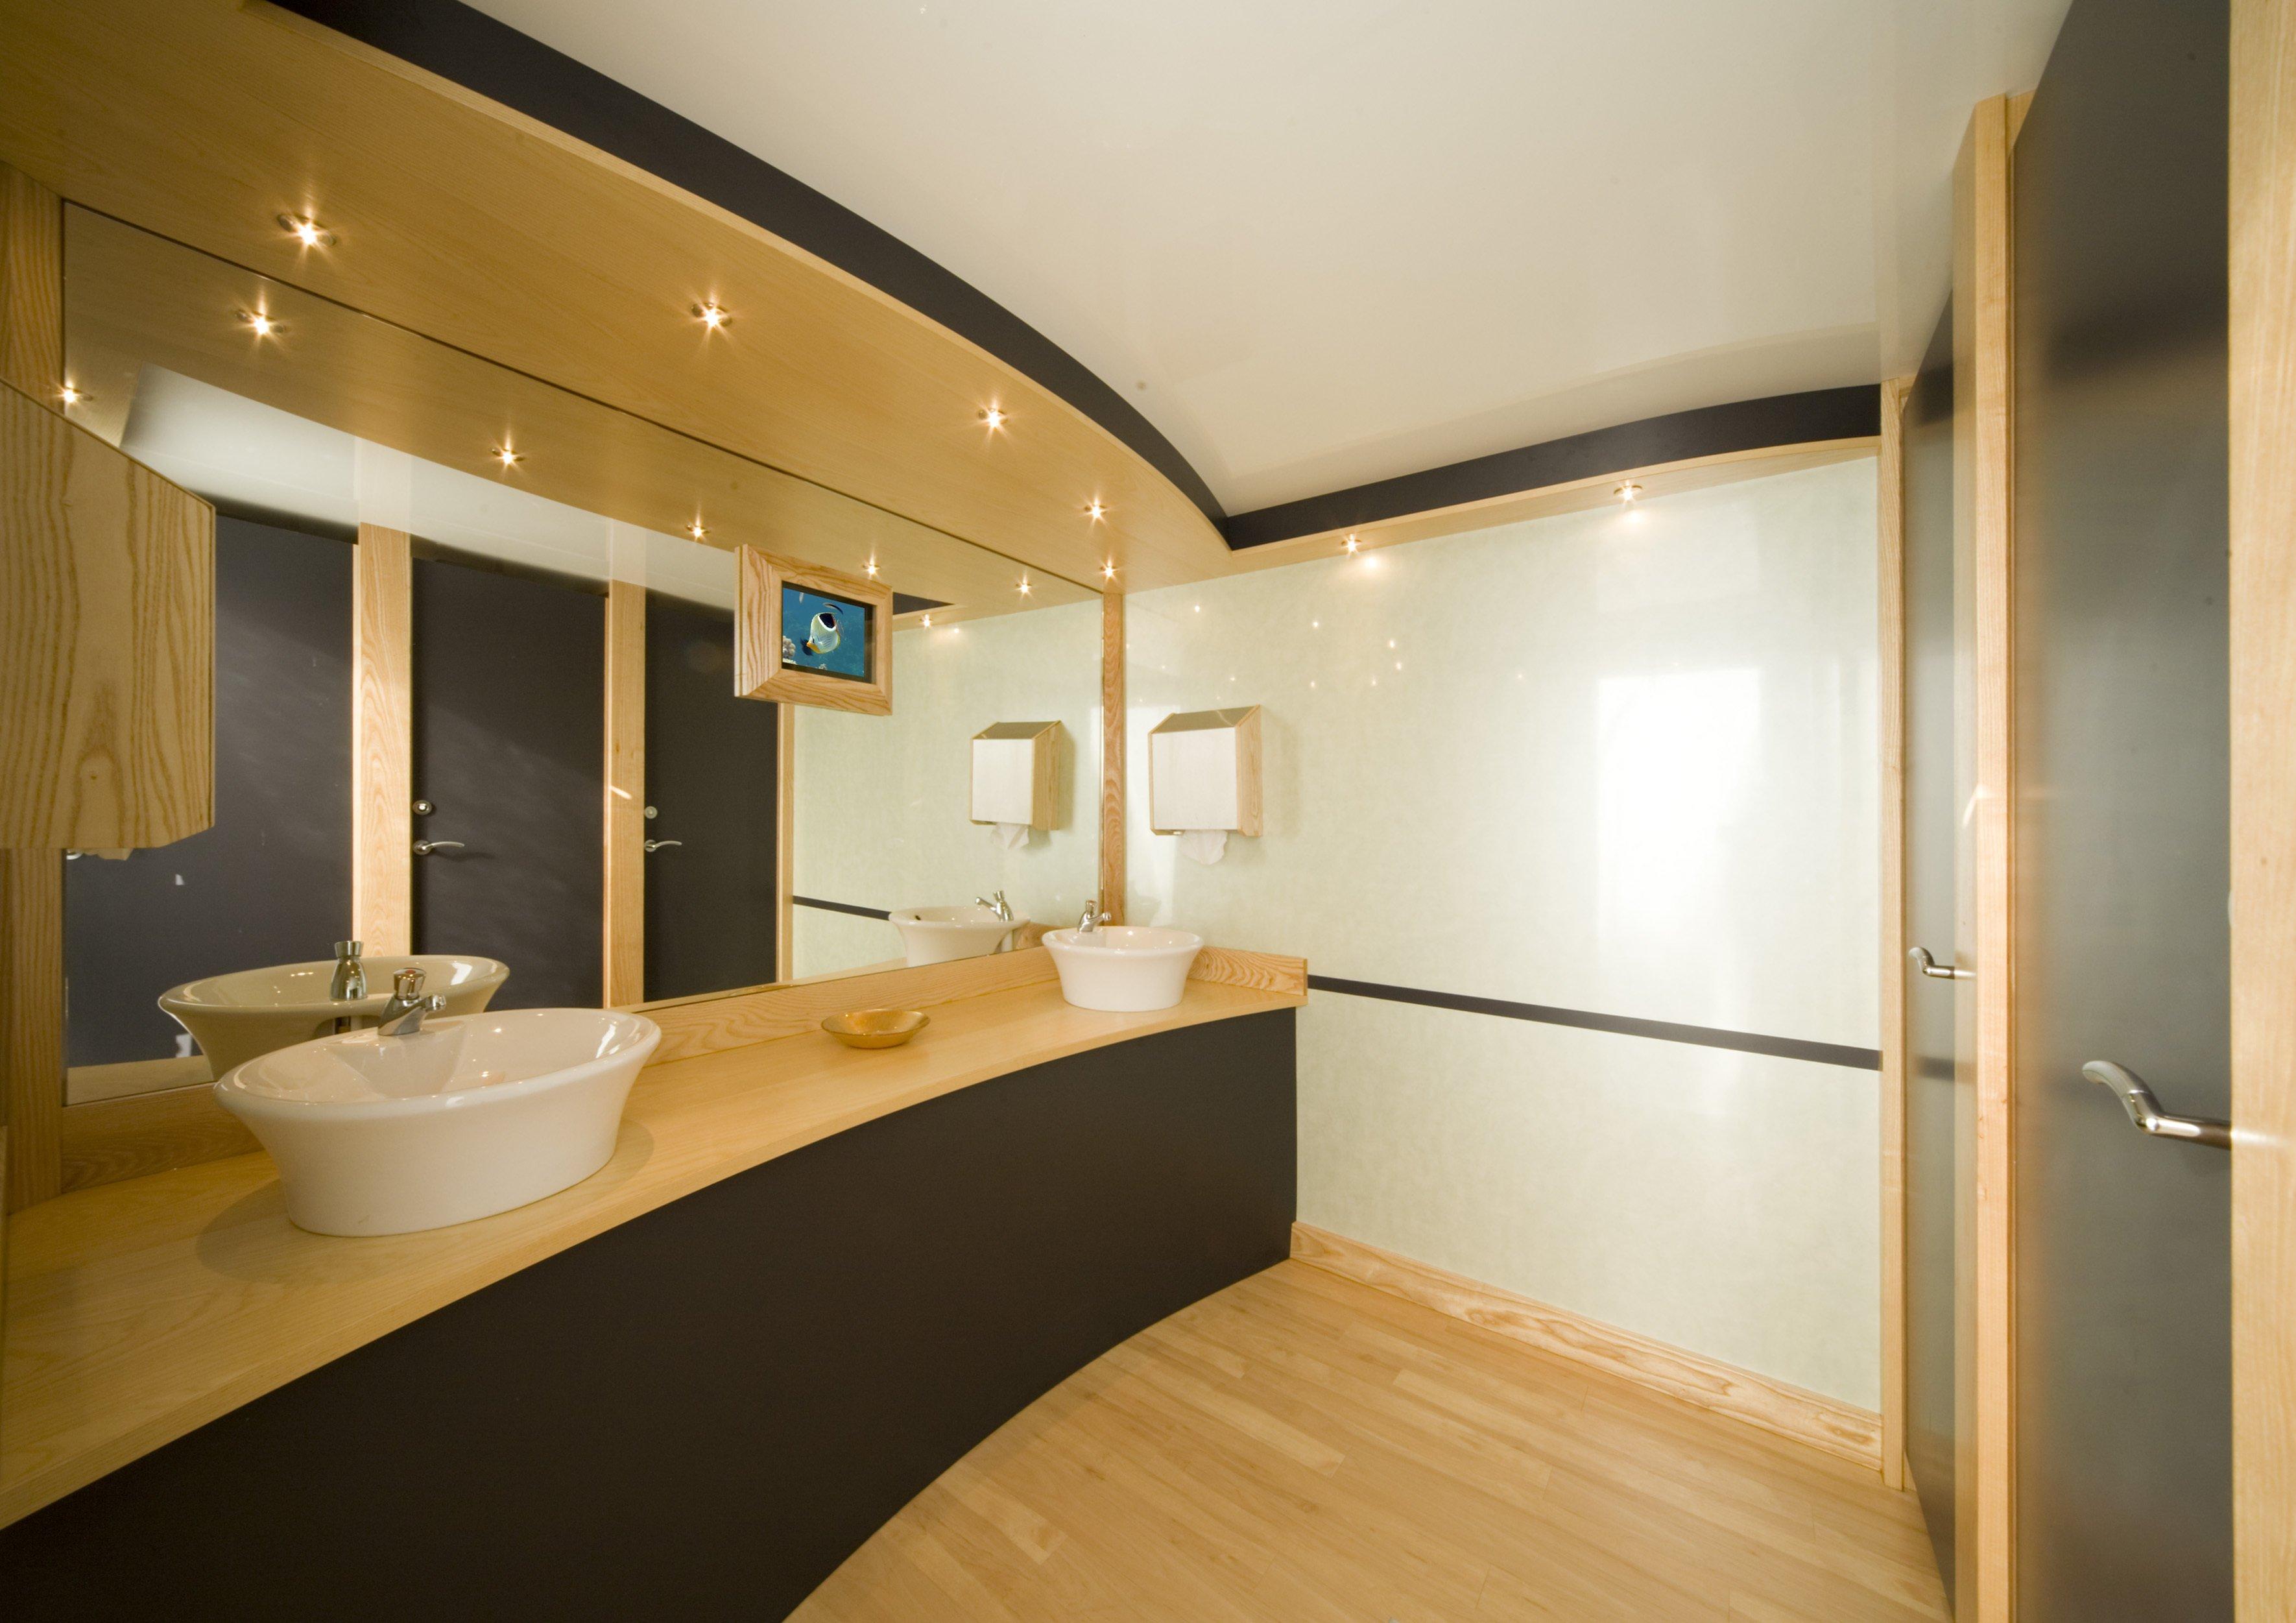 Stunning toilet area